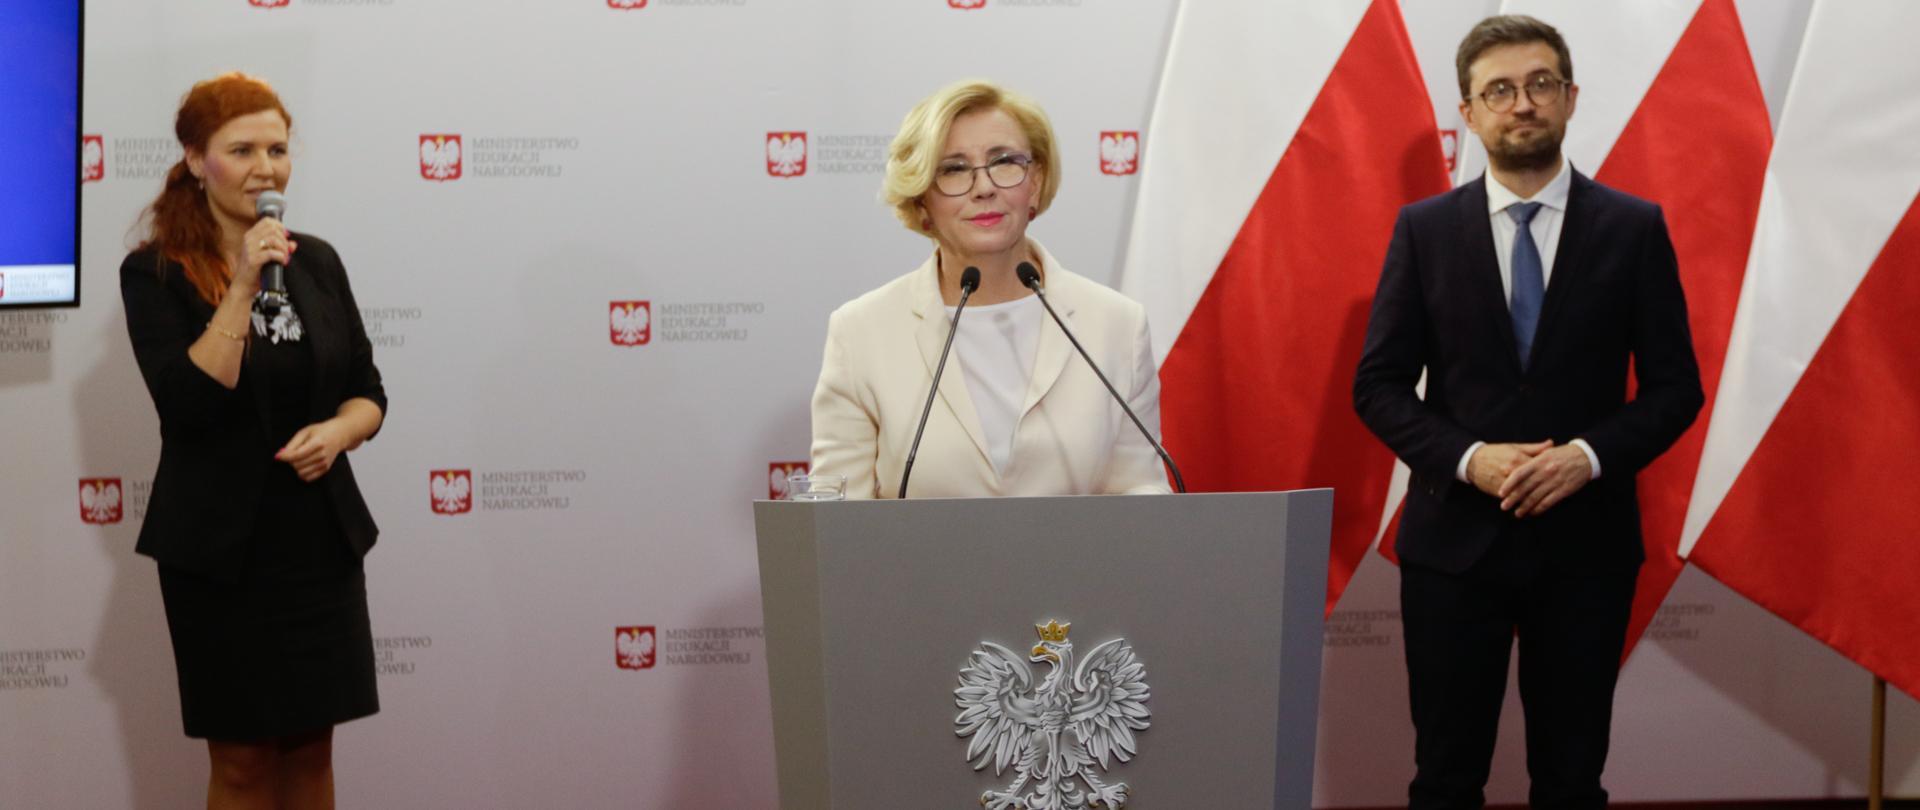 Egzaminy zawodowe w 2020 r. – konferencja prasowa wiceministra Edukacji Marzeny Machałek i dyrektora CKE Marcin Smolik.